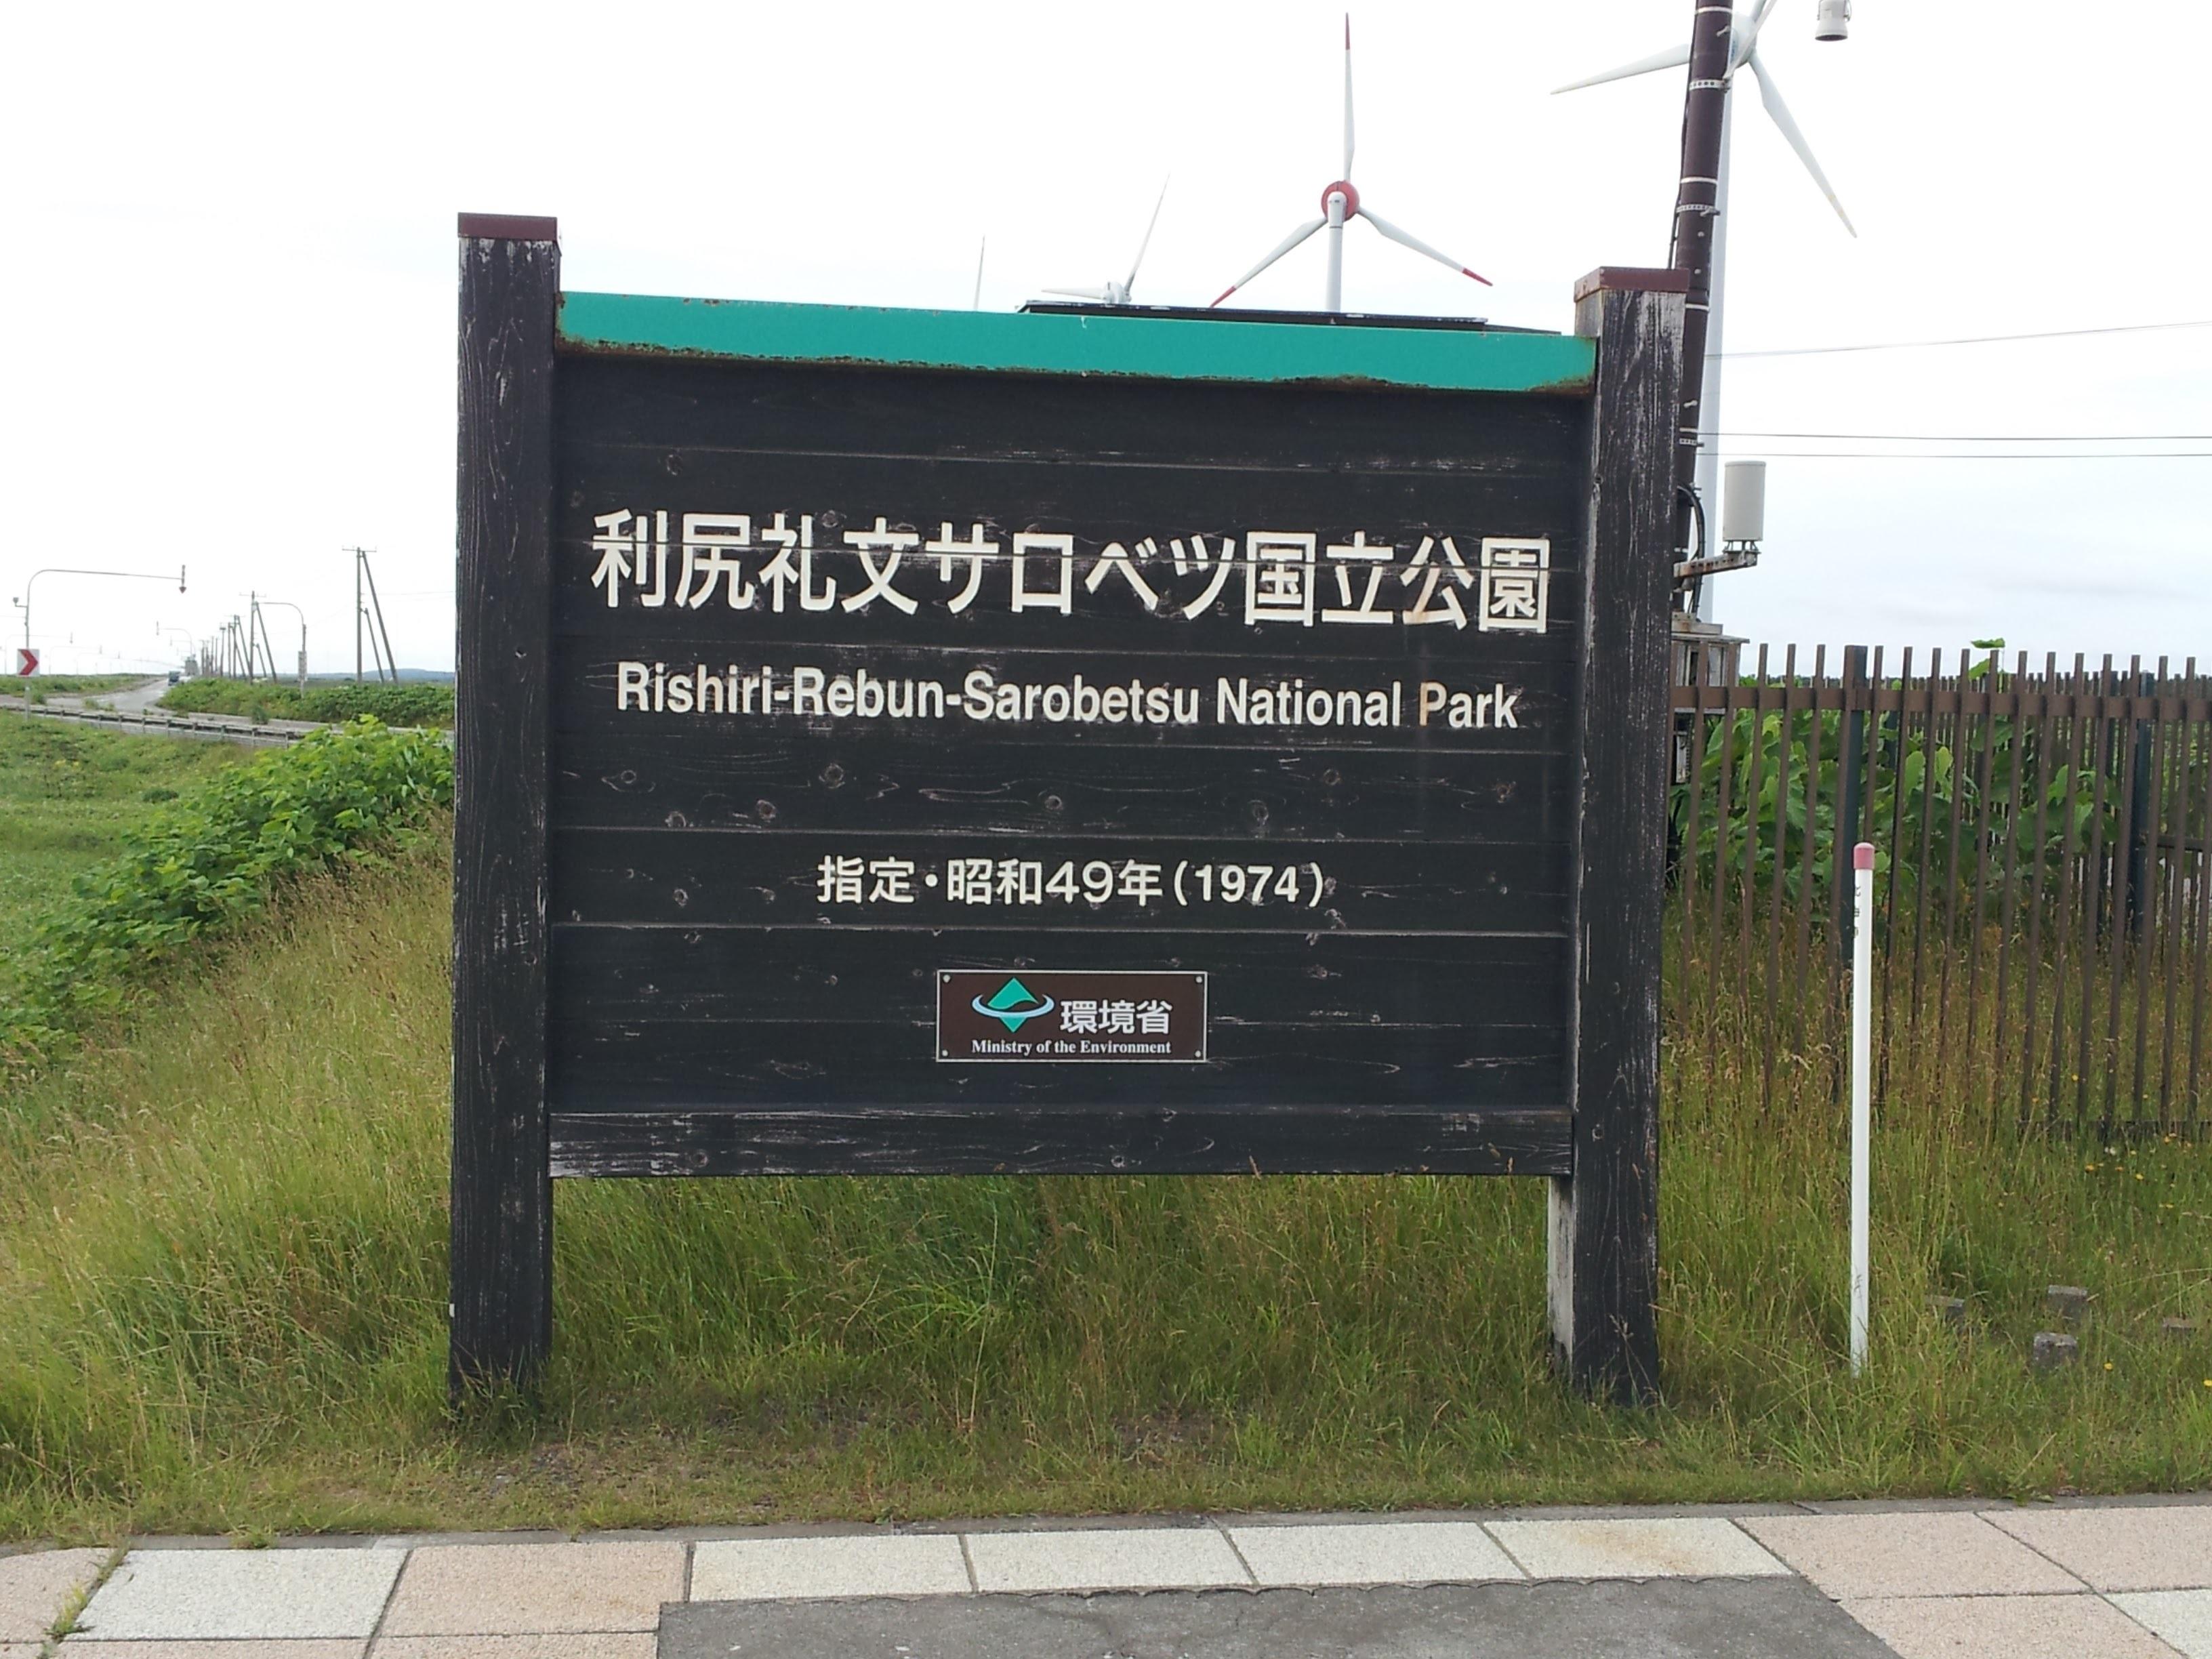 20170619161359f84.jpg